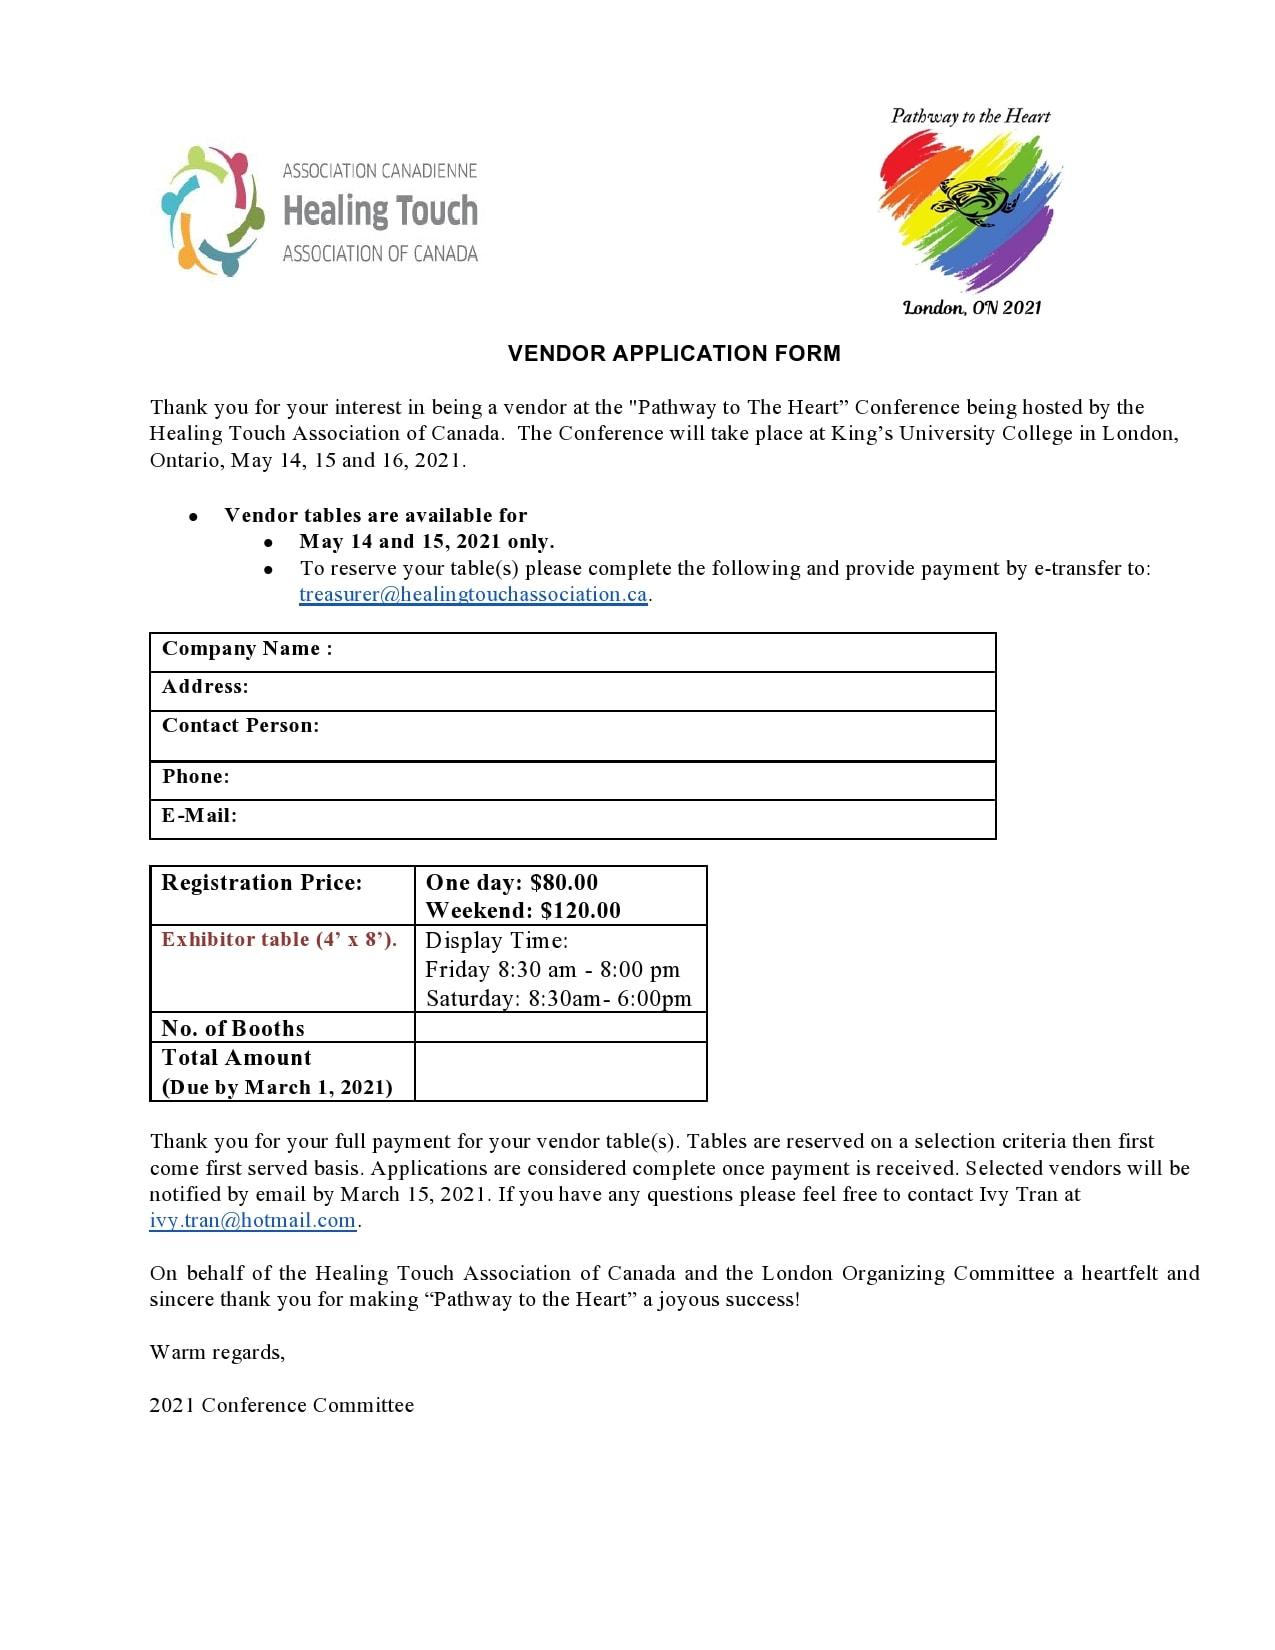 vendor application form 20